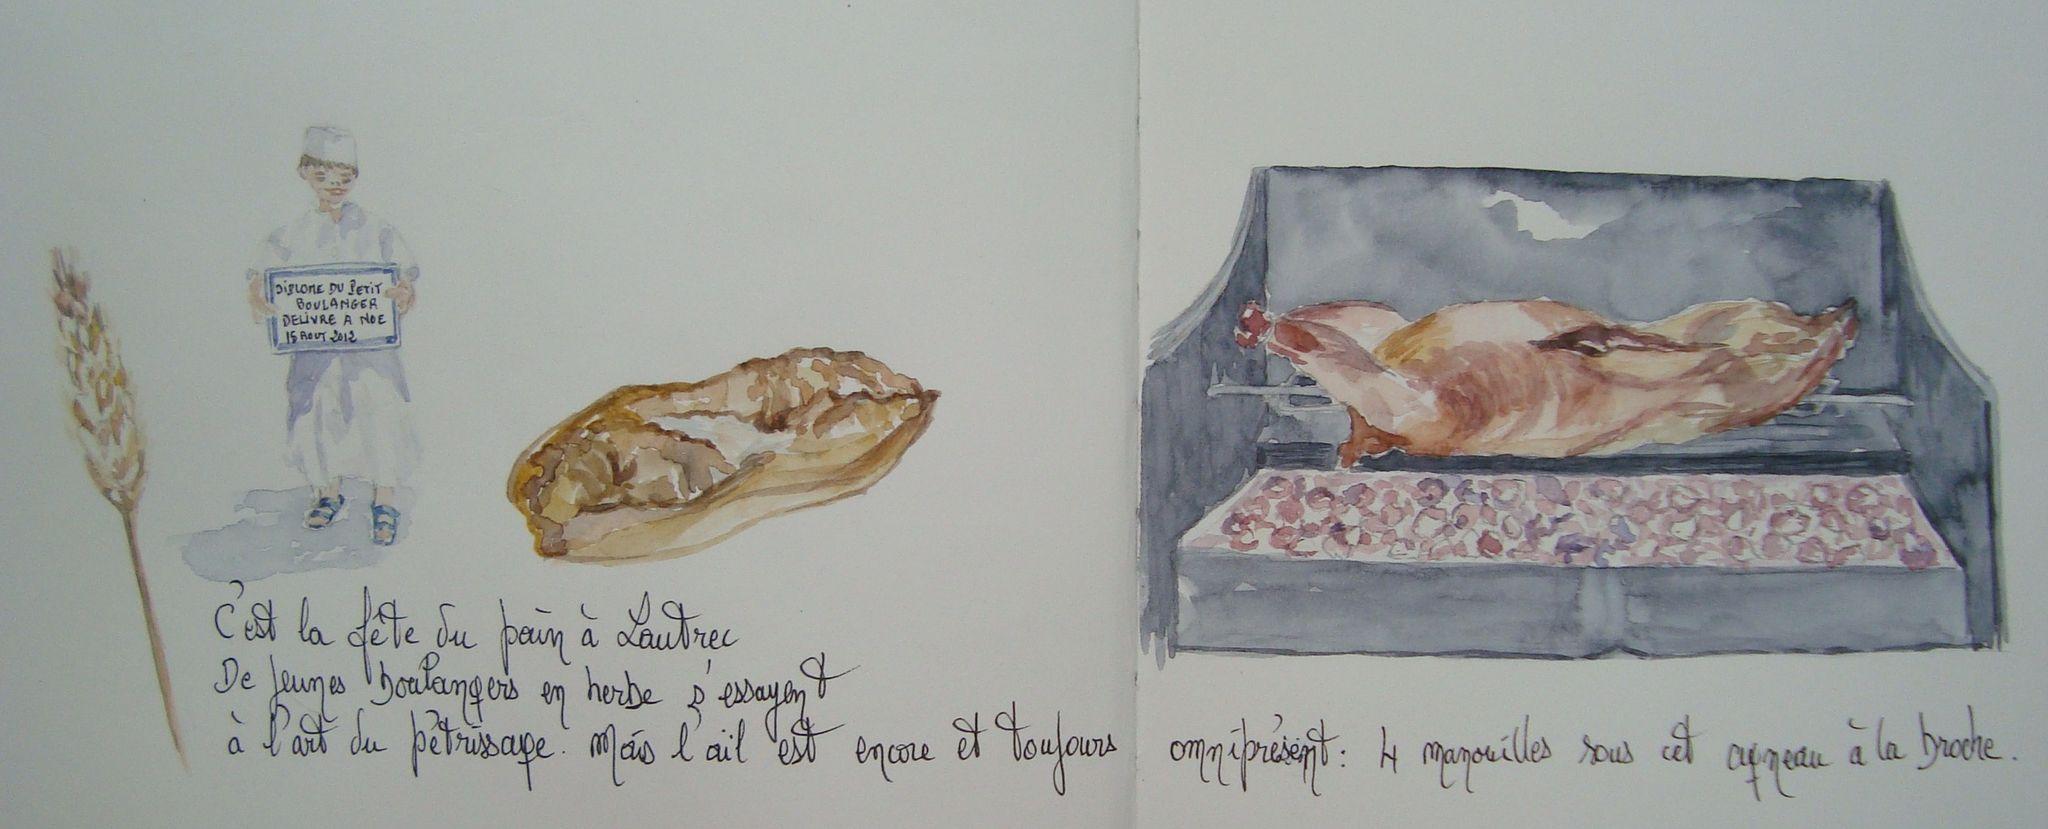 Fête du pain à Lautrec